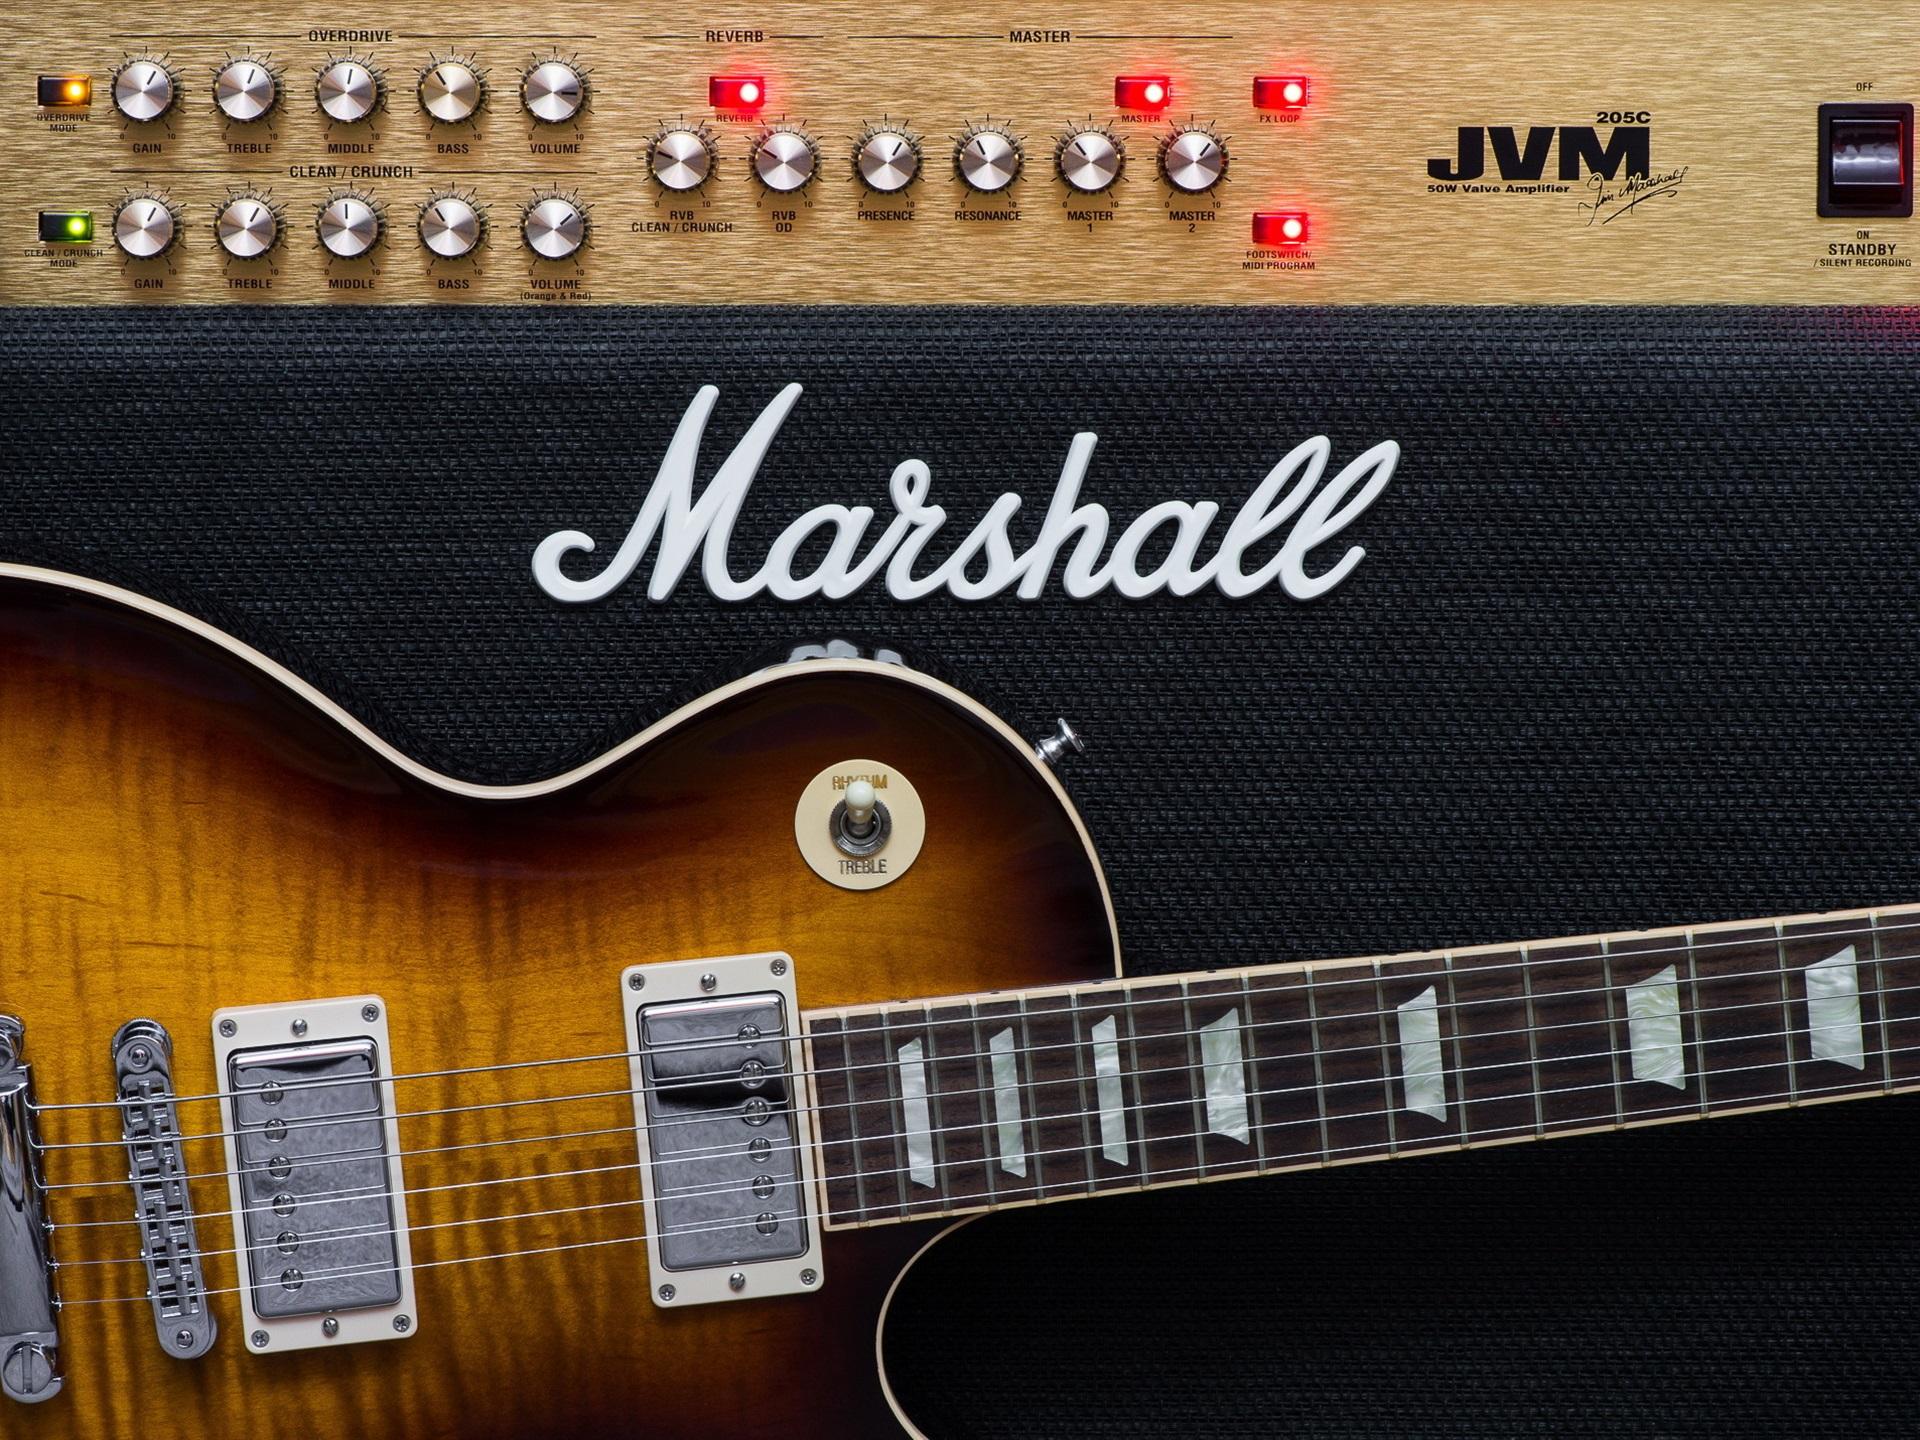 壁紙 ギターとアンプ 1920x1440 Hd 無料のデスクトップの背景 画像